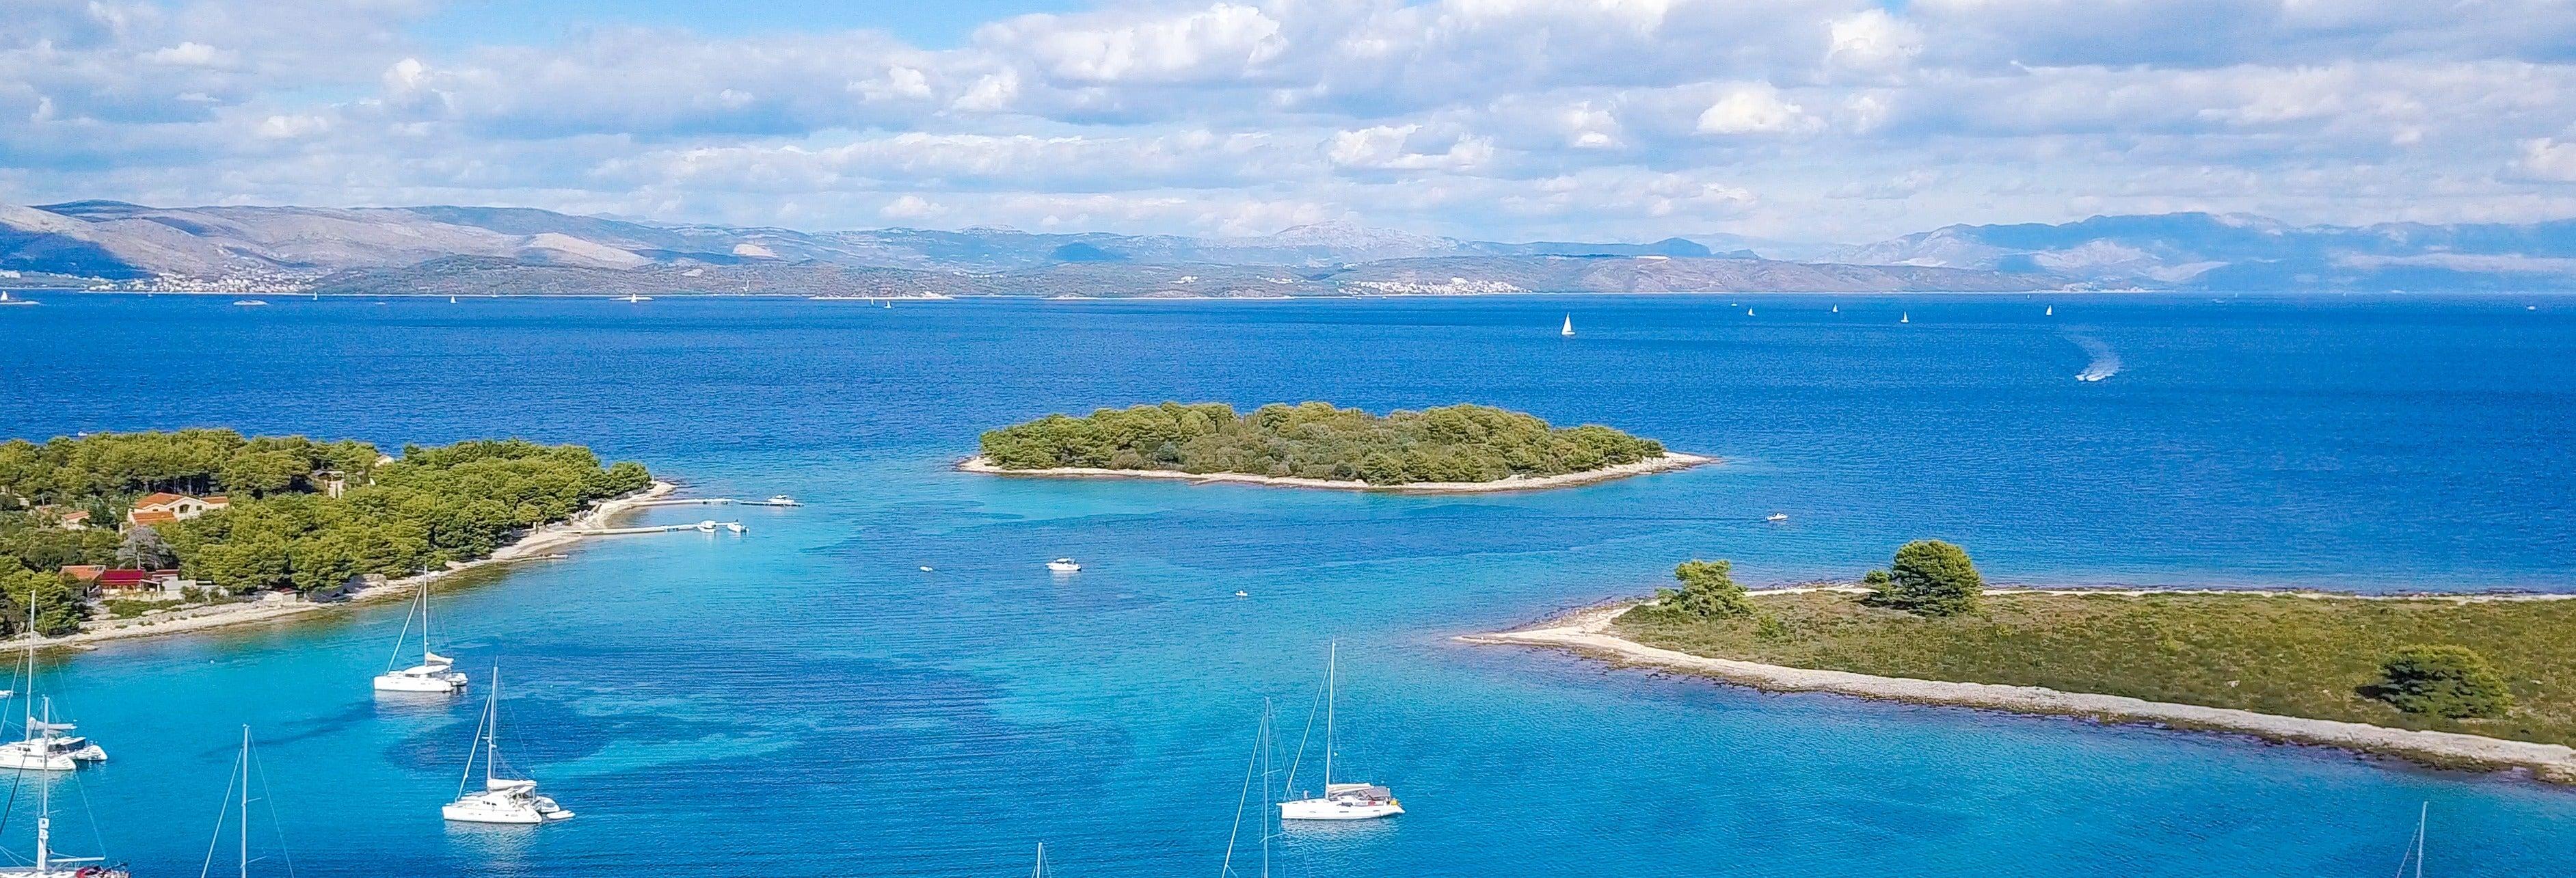 Excursión en barco al Lago Azul